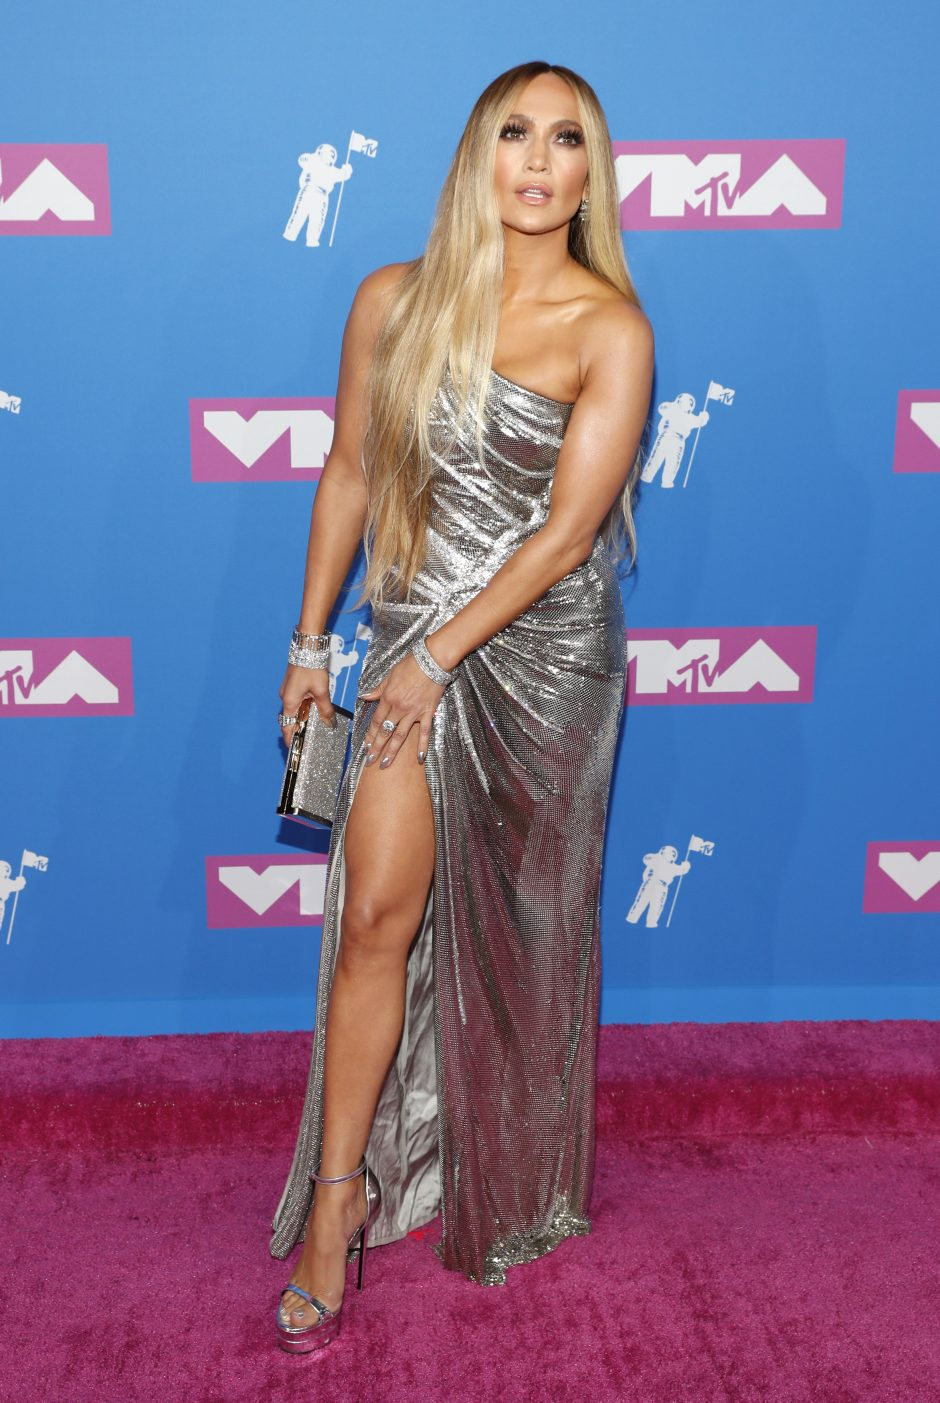 MTV apdovanojimų stilius: rimbai, kaukės, smailios liemenėlės